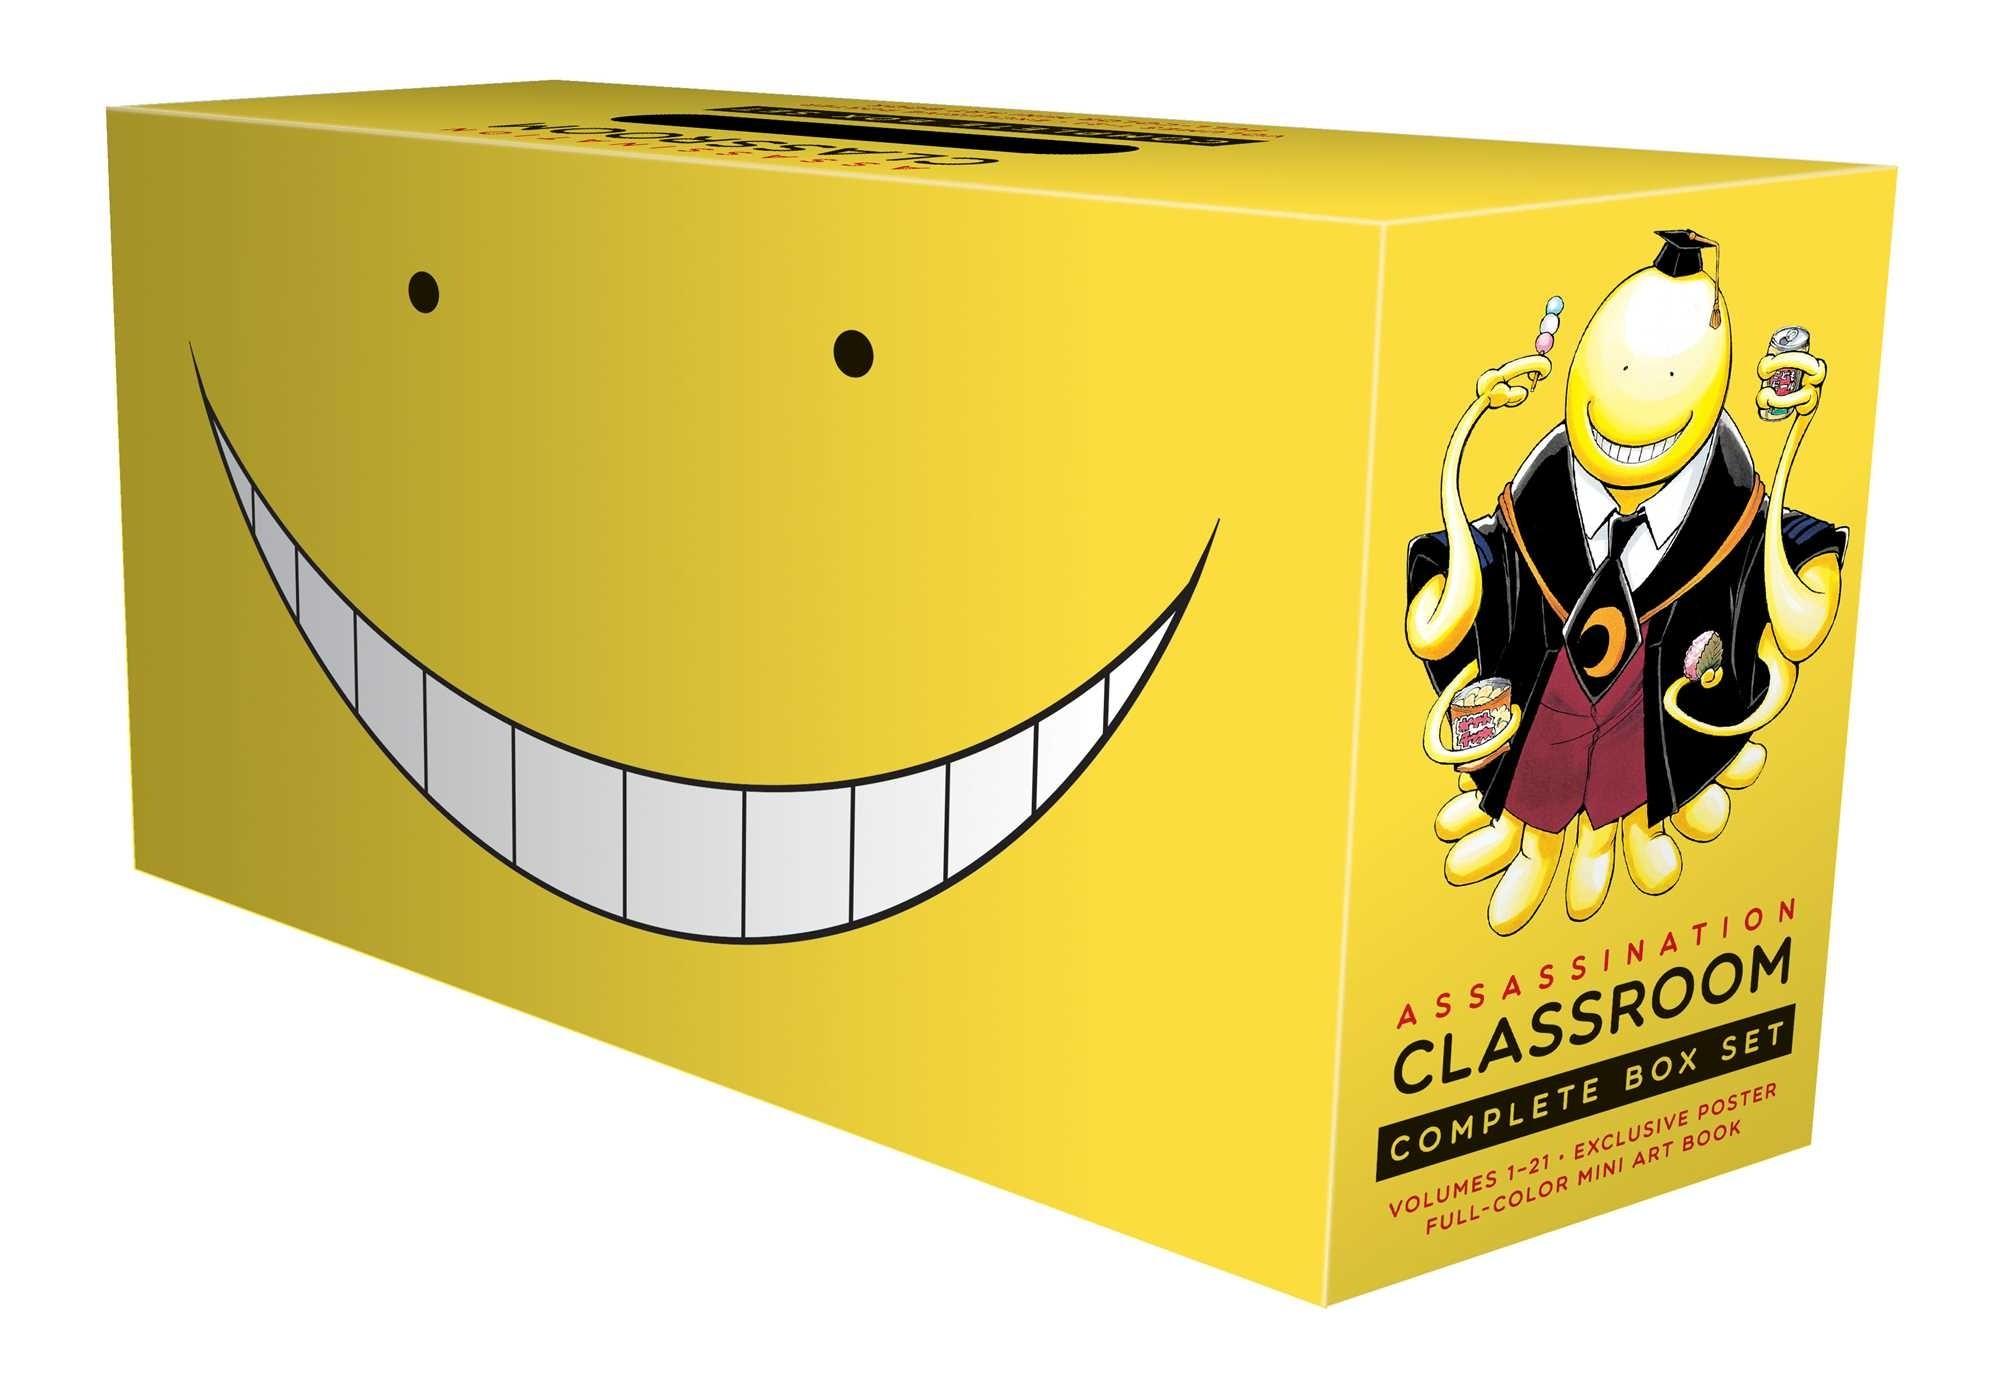 Assassination Classroom Box Set (Vol. 1-21)